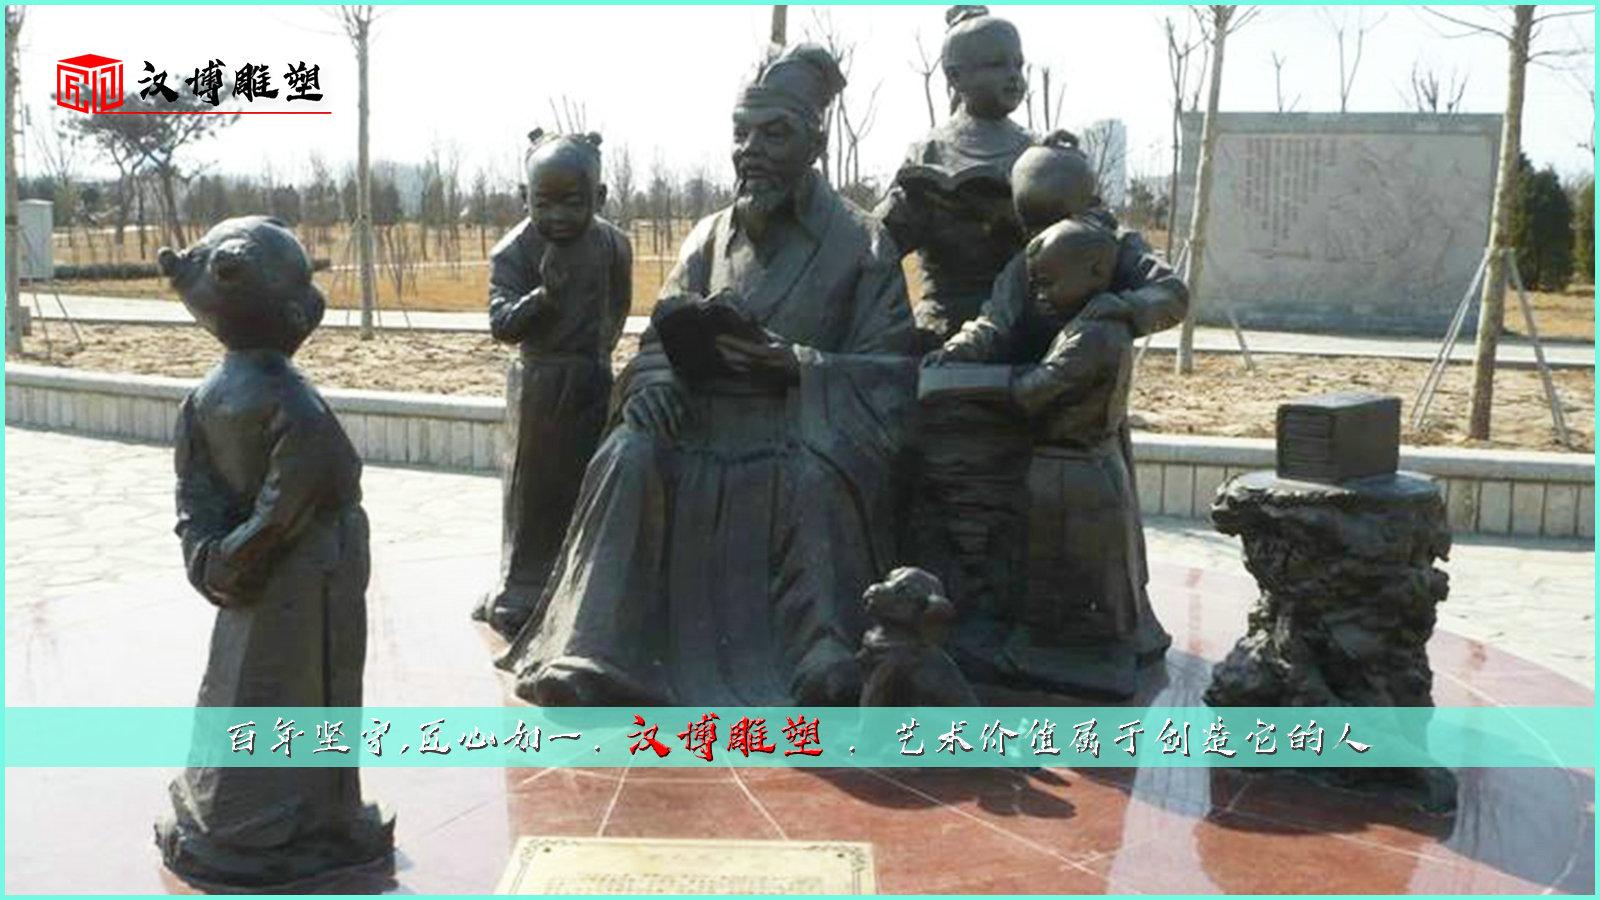 三字经主题雕塑,我们中华儿女的骄傲